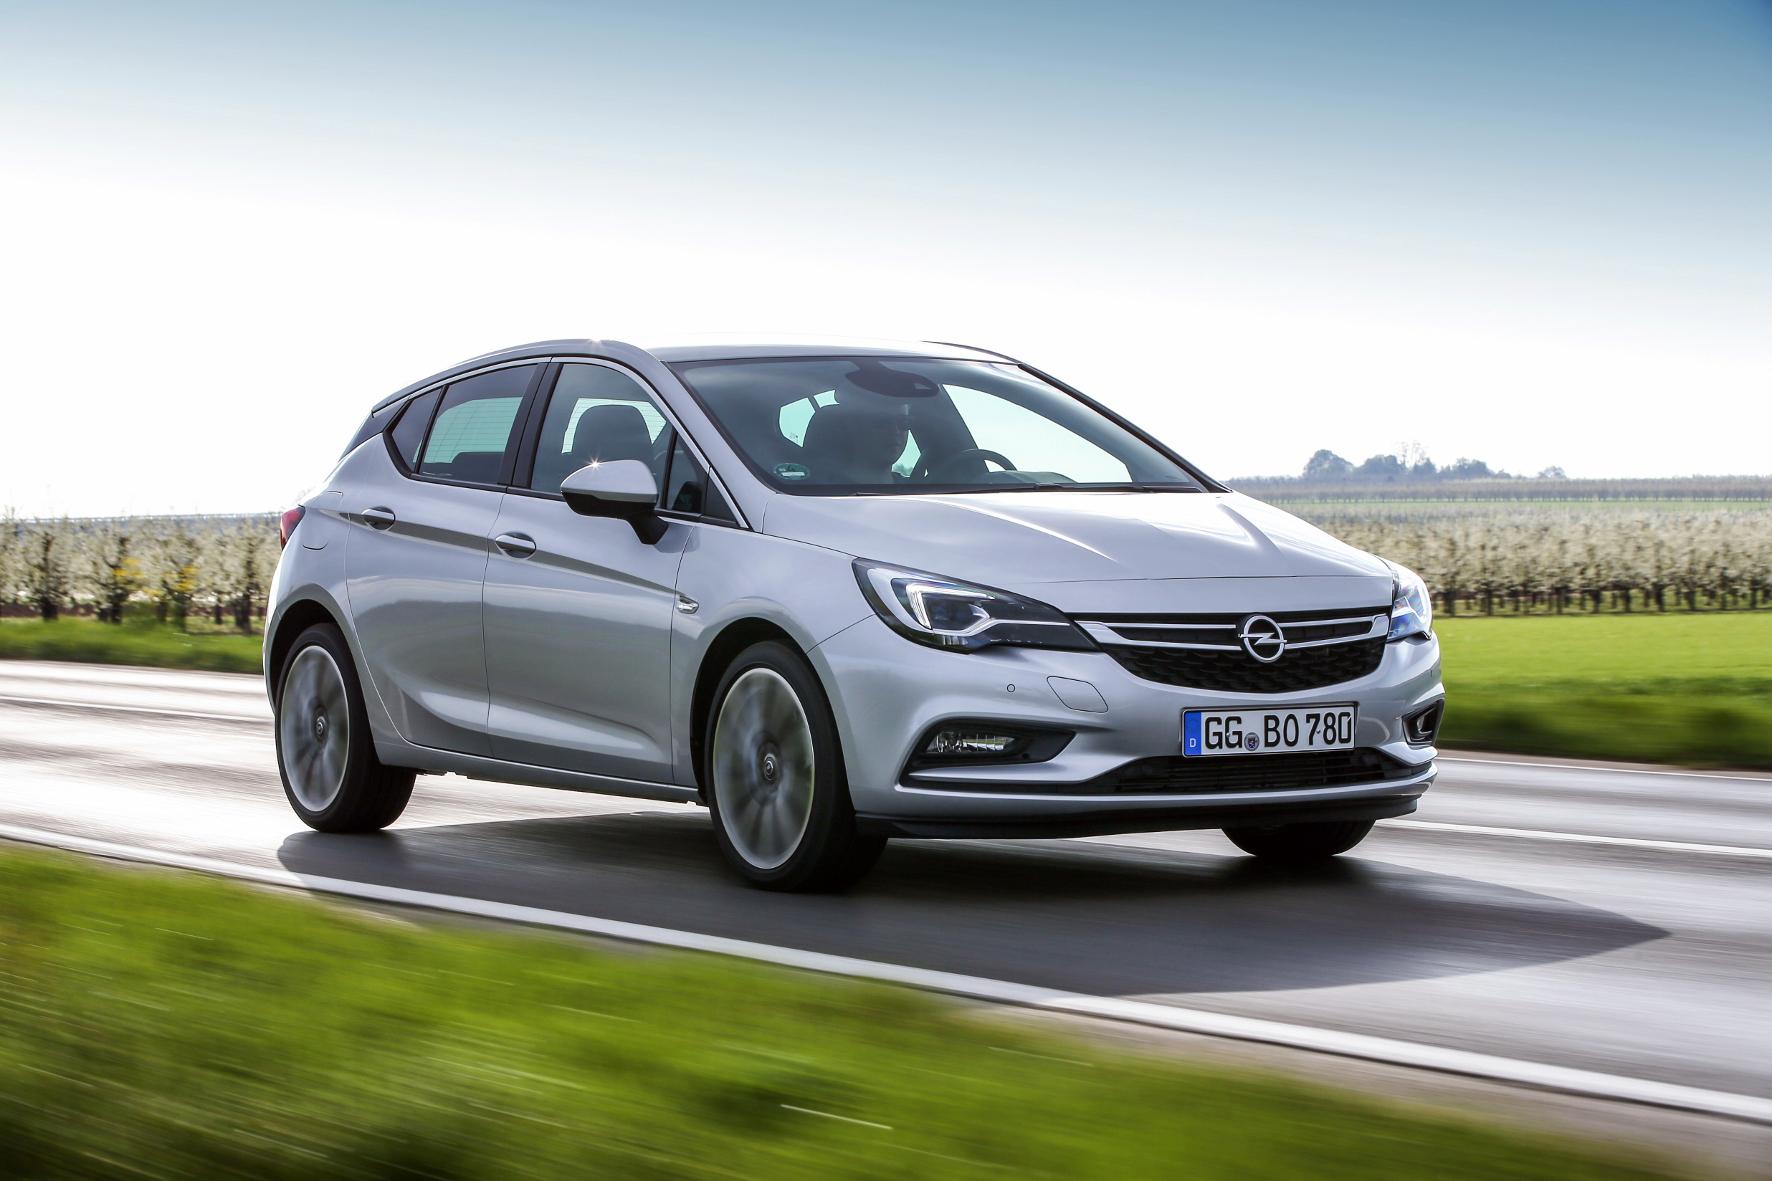 mid Groß-Gerau - Sparsam, flott und komfortabel: der Opel Astra mit neuem Biturbo-Dieselmotor.